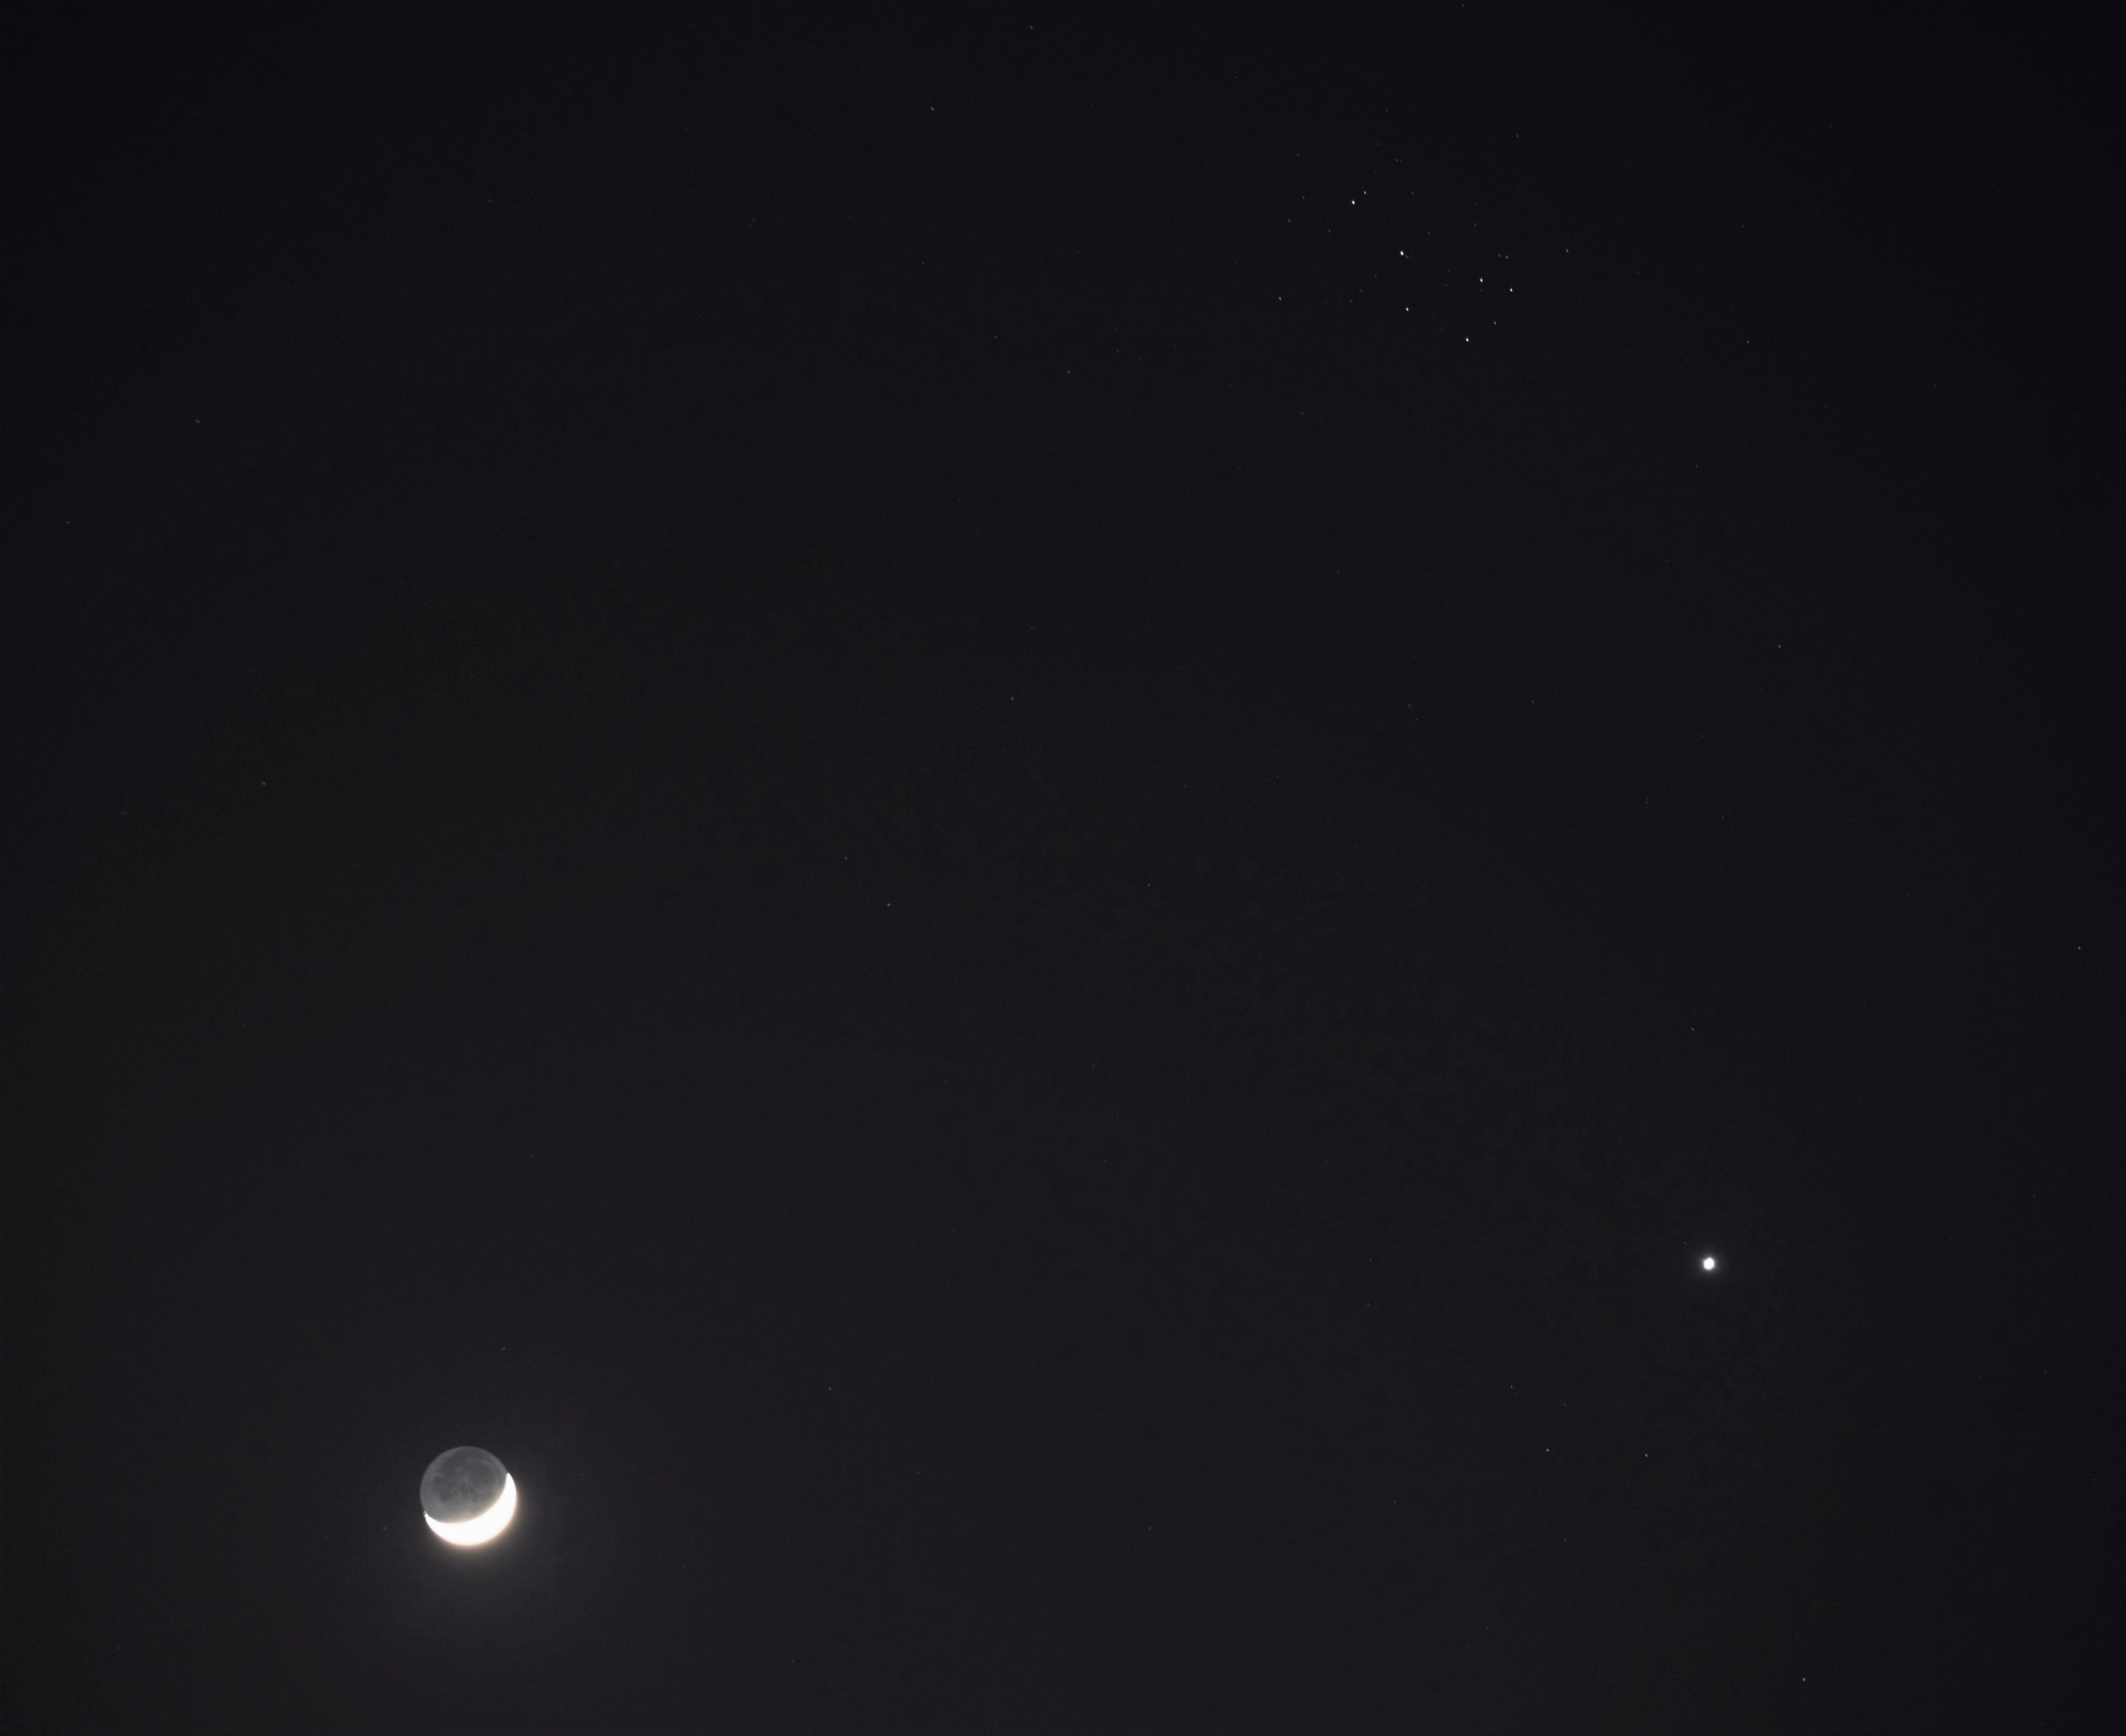 Lune_Pleiades_Venus_28032020.jpg